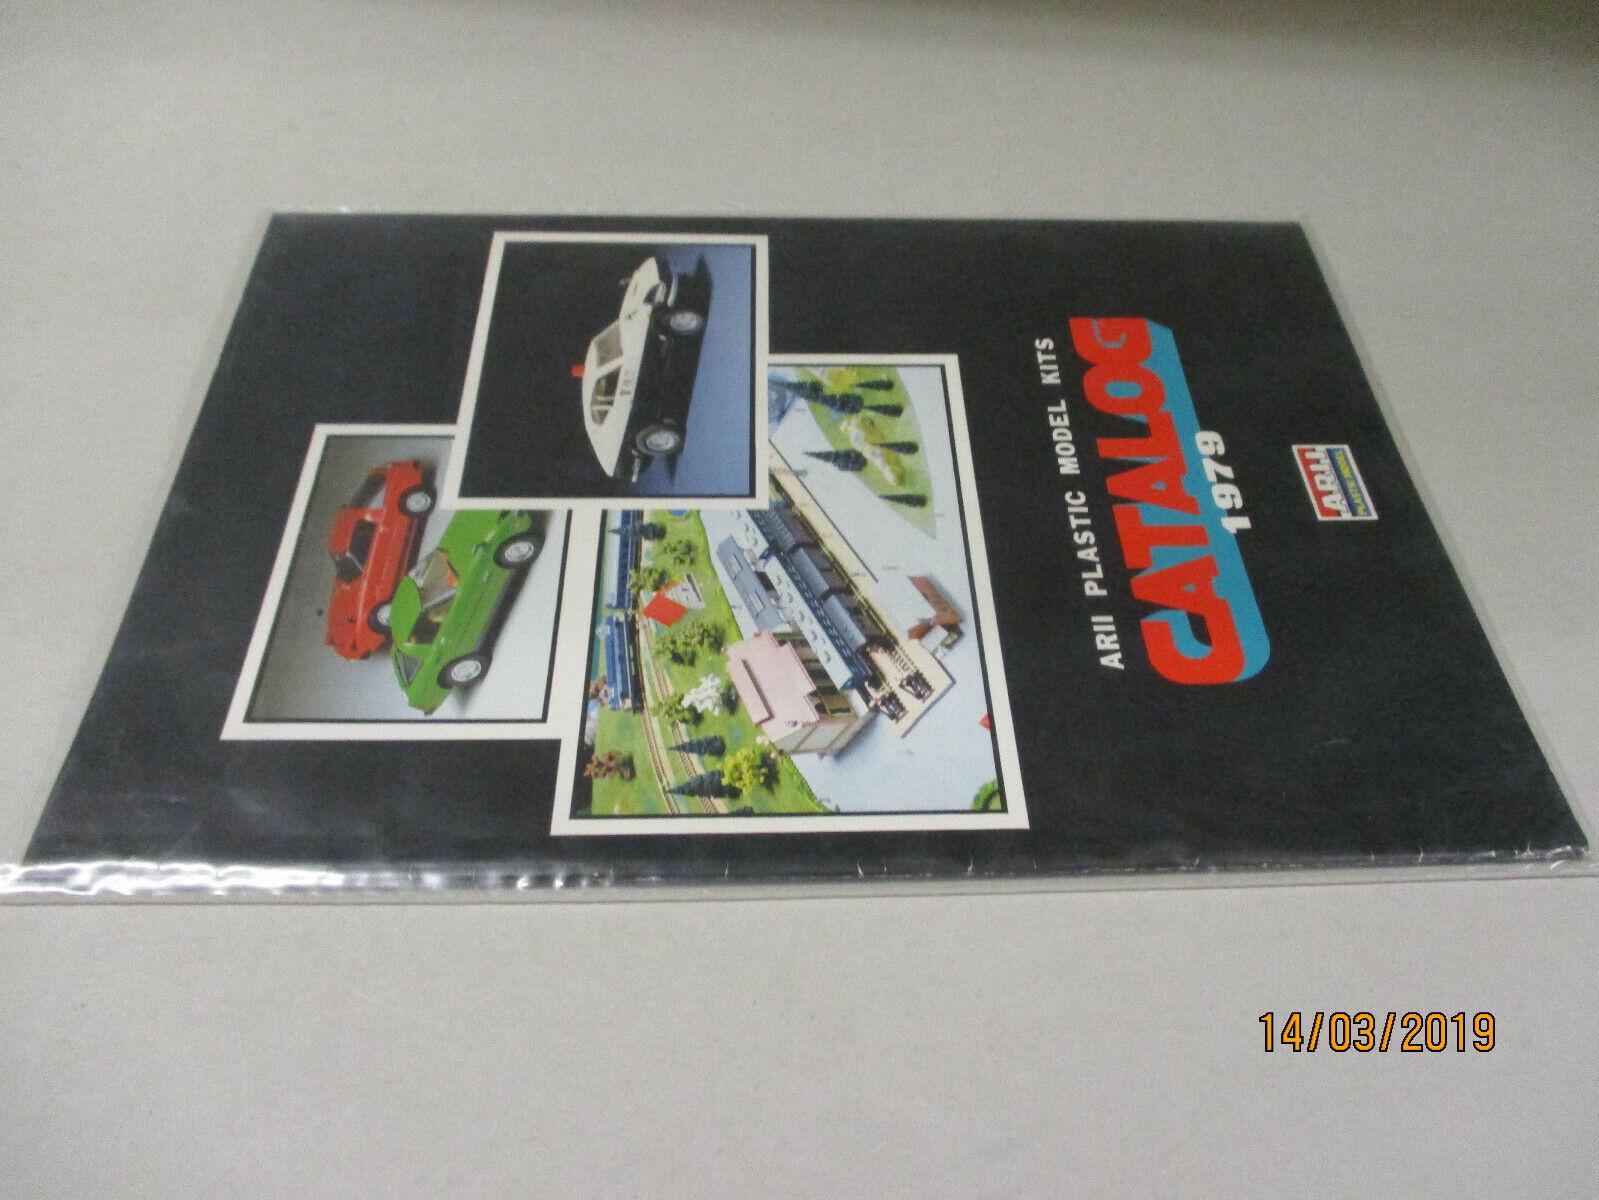 Arii model kits catálogo 1979